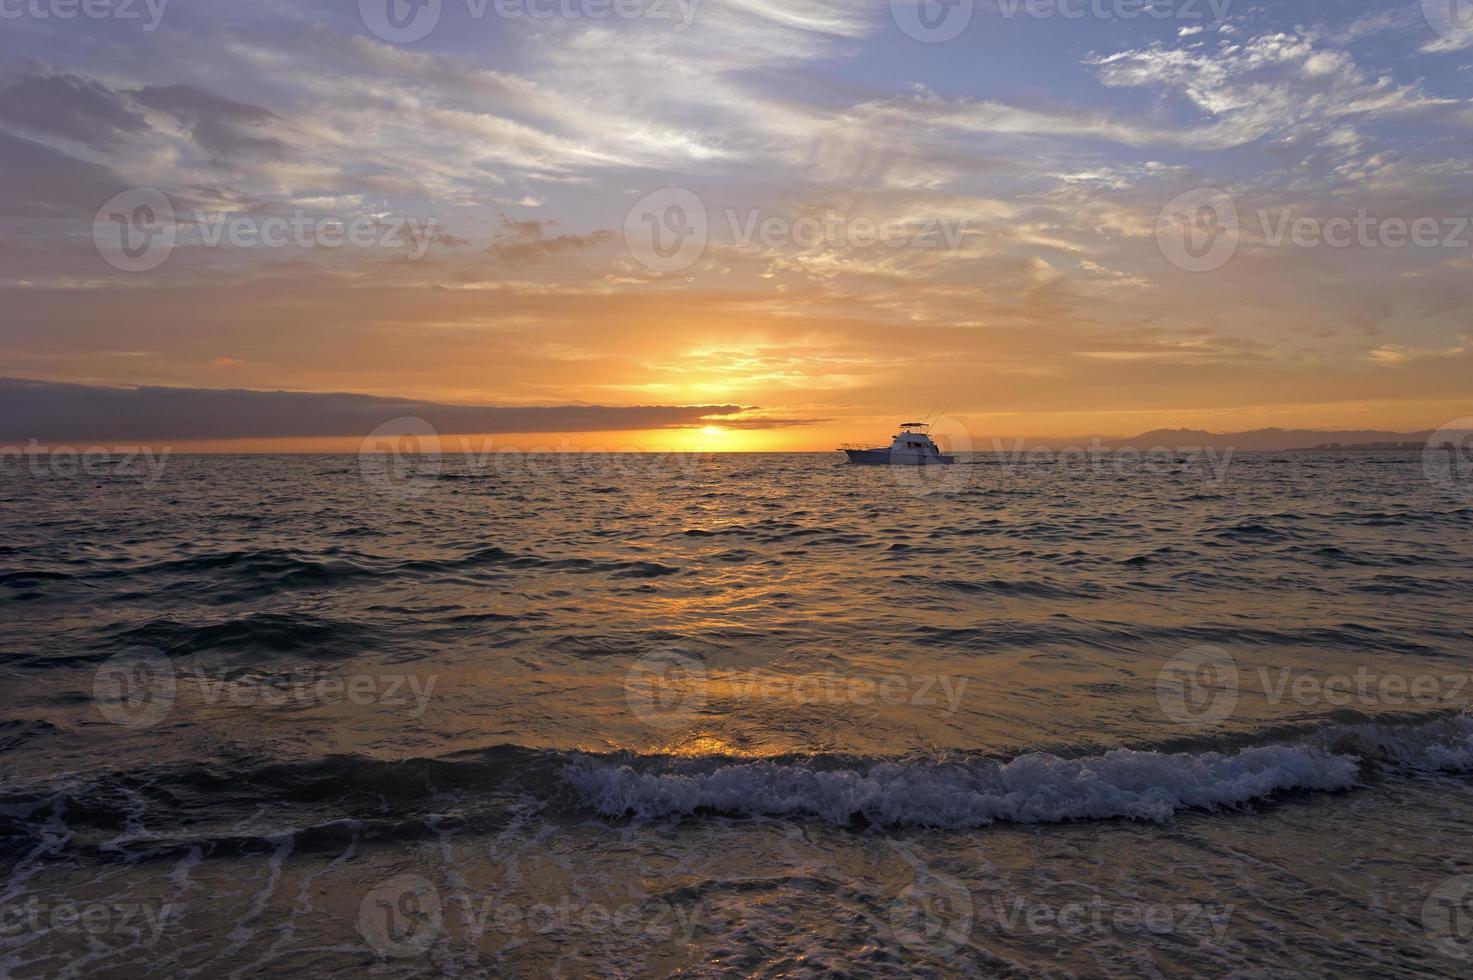 barca sull'oceano al tramonto foto